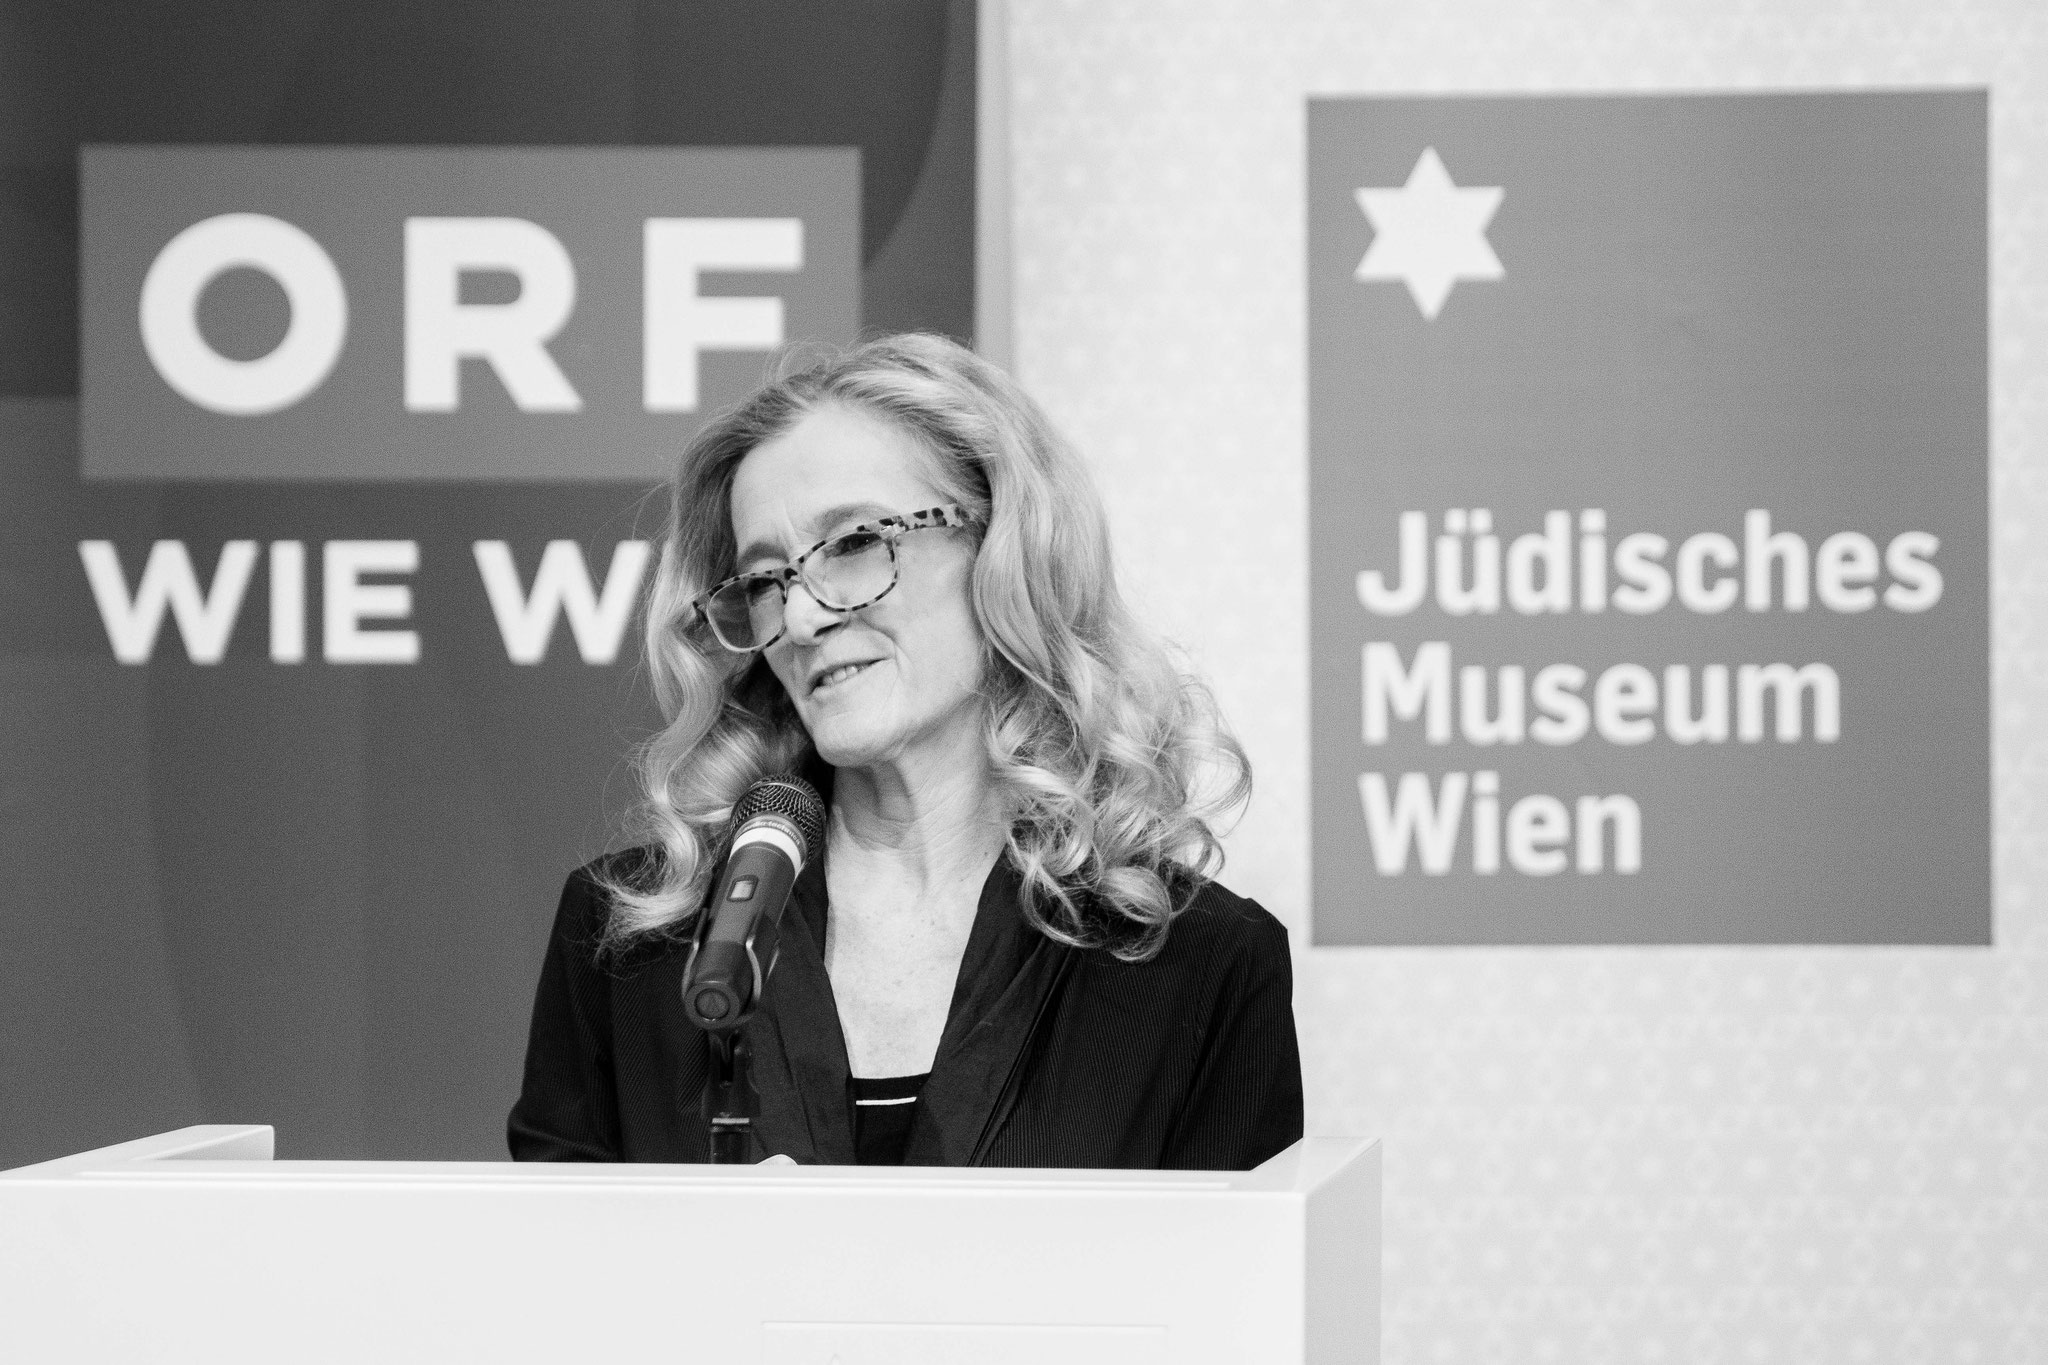 Kathrin Zechner